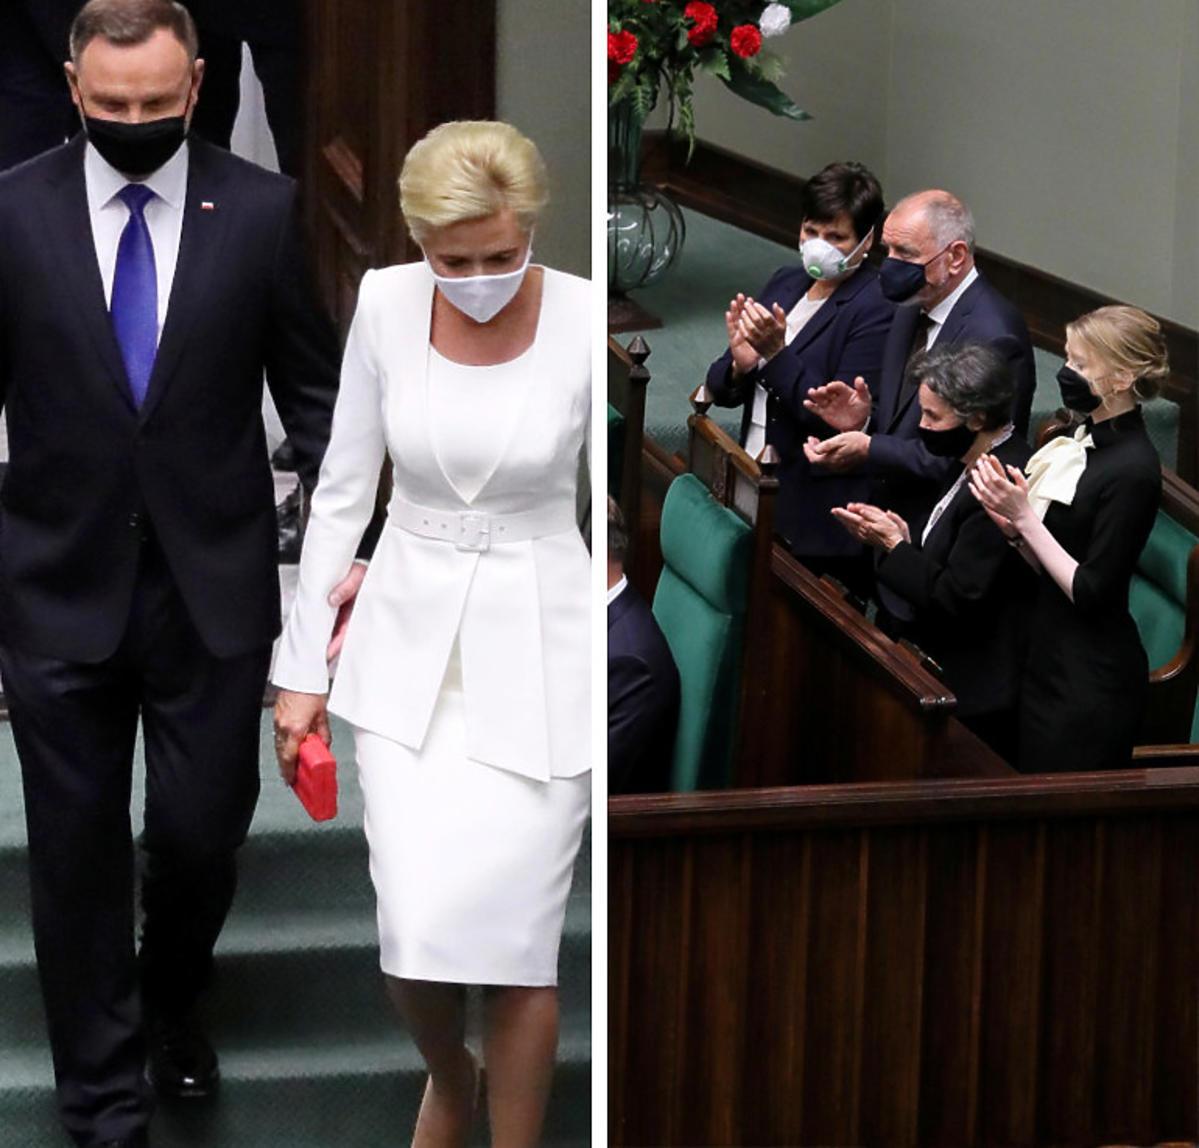 Zaprzysiężenie Andrzeja Dudy na prezydenta. Agata Duda w białym kostiumie